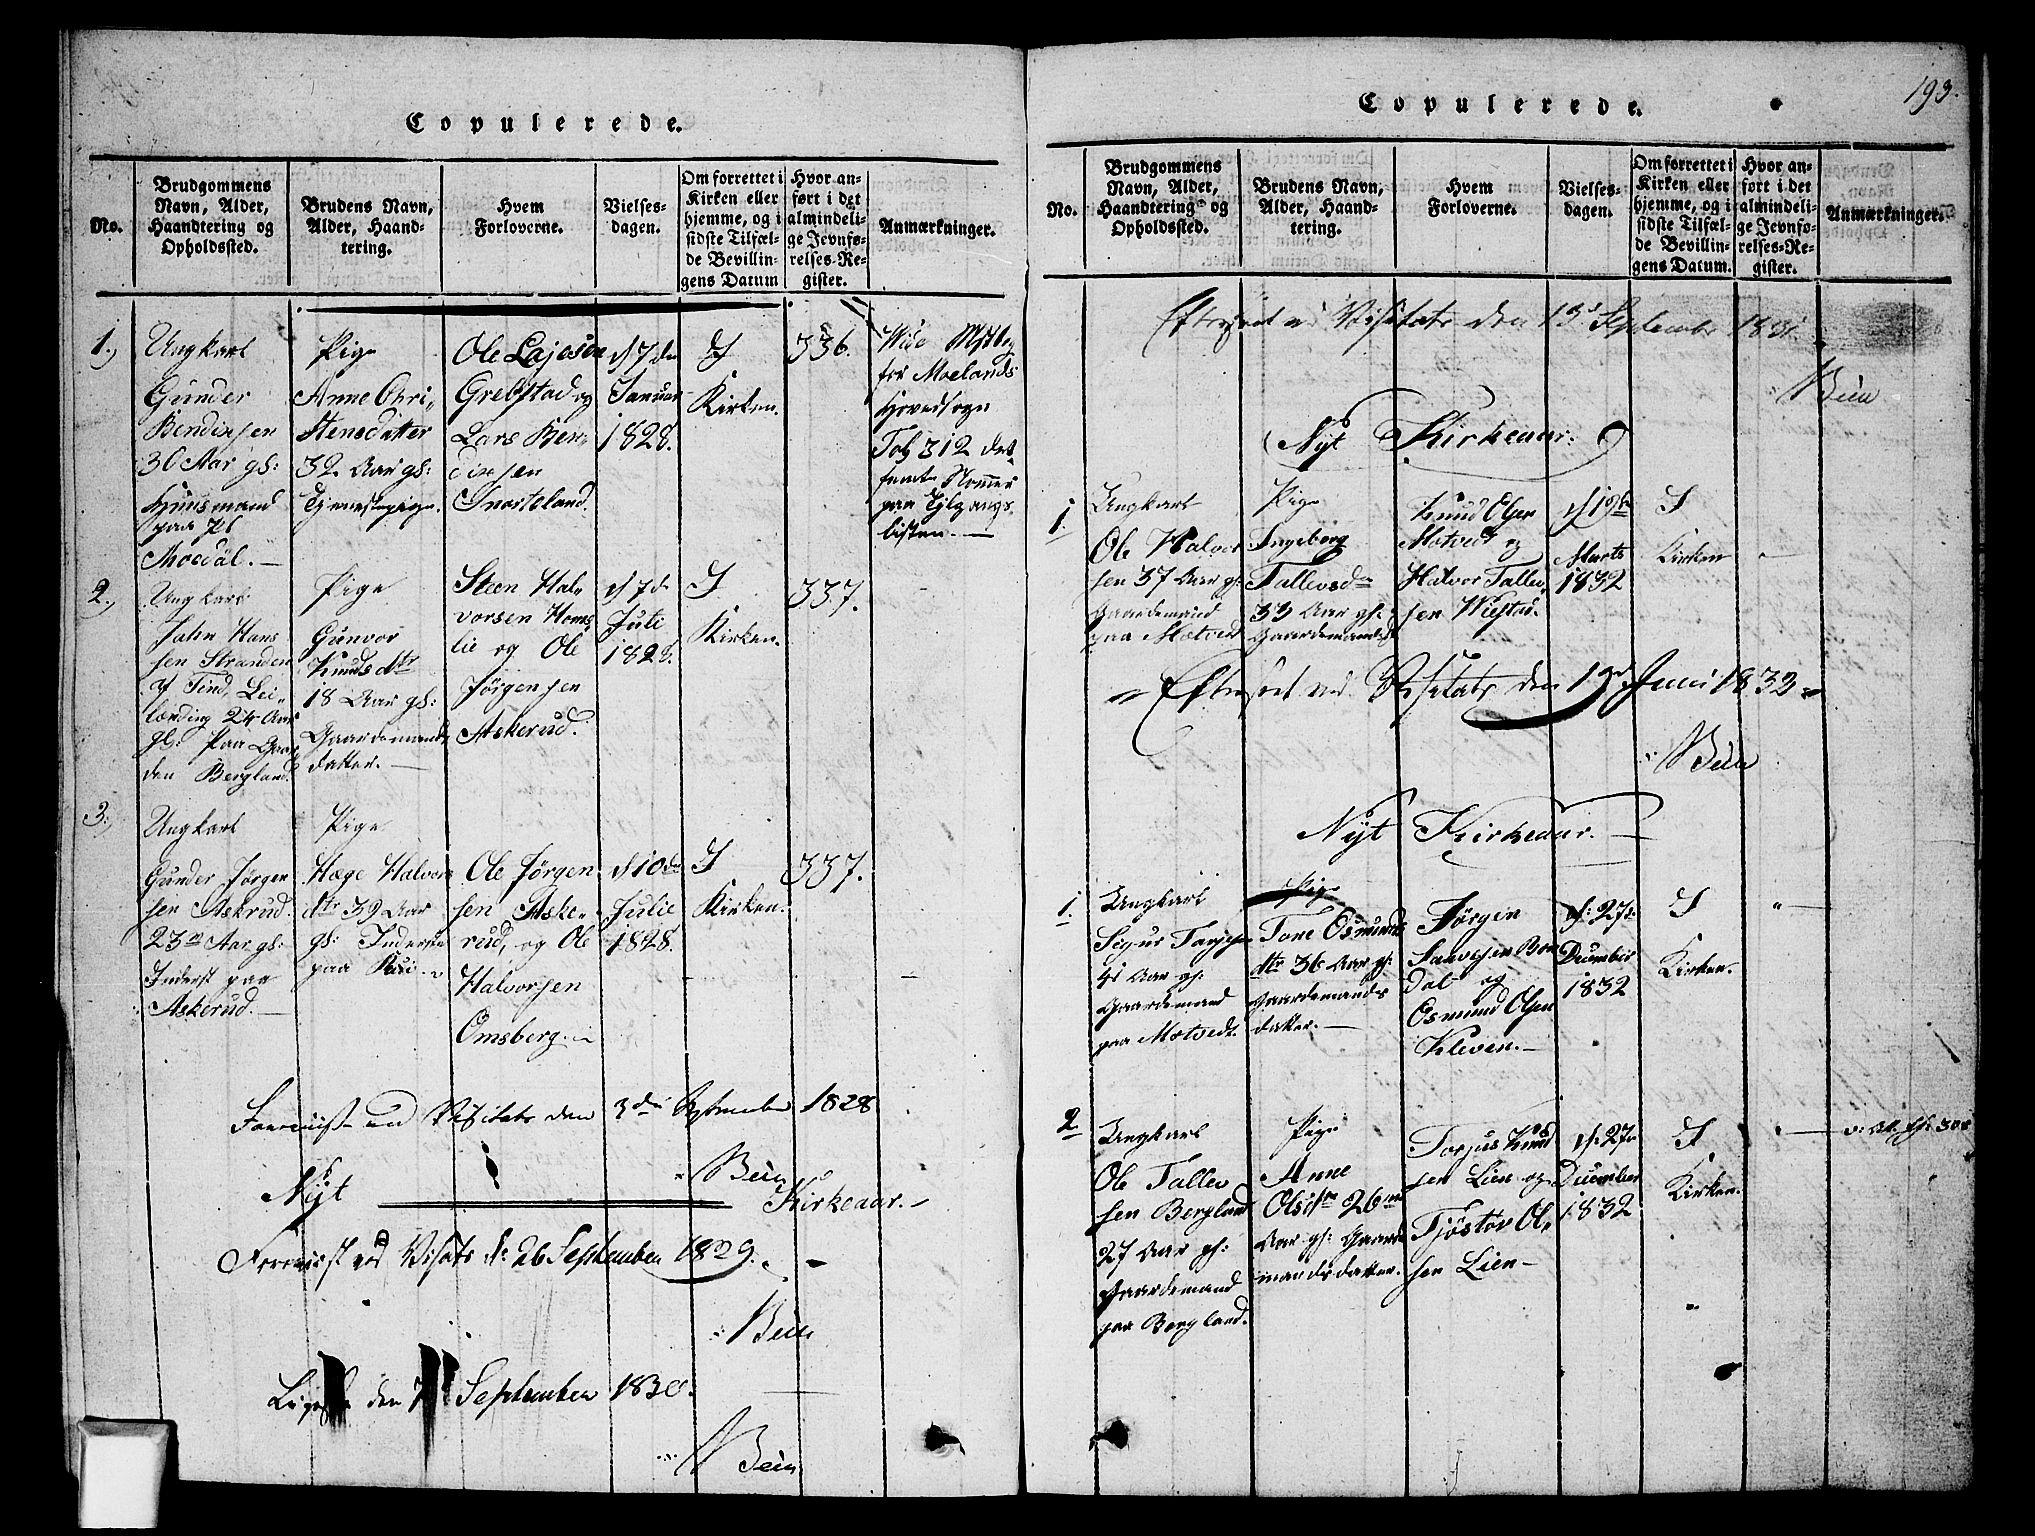 SAKO, Fyresdal kirkebøker, G/Ga/L0002: Klokkerbok nr. I 2, 1815-1857, s. 193